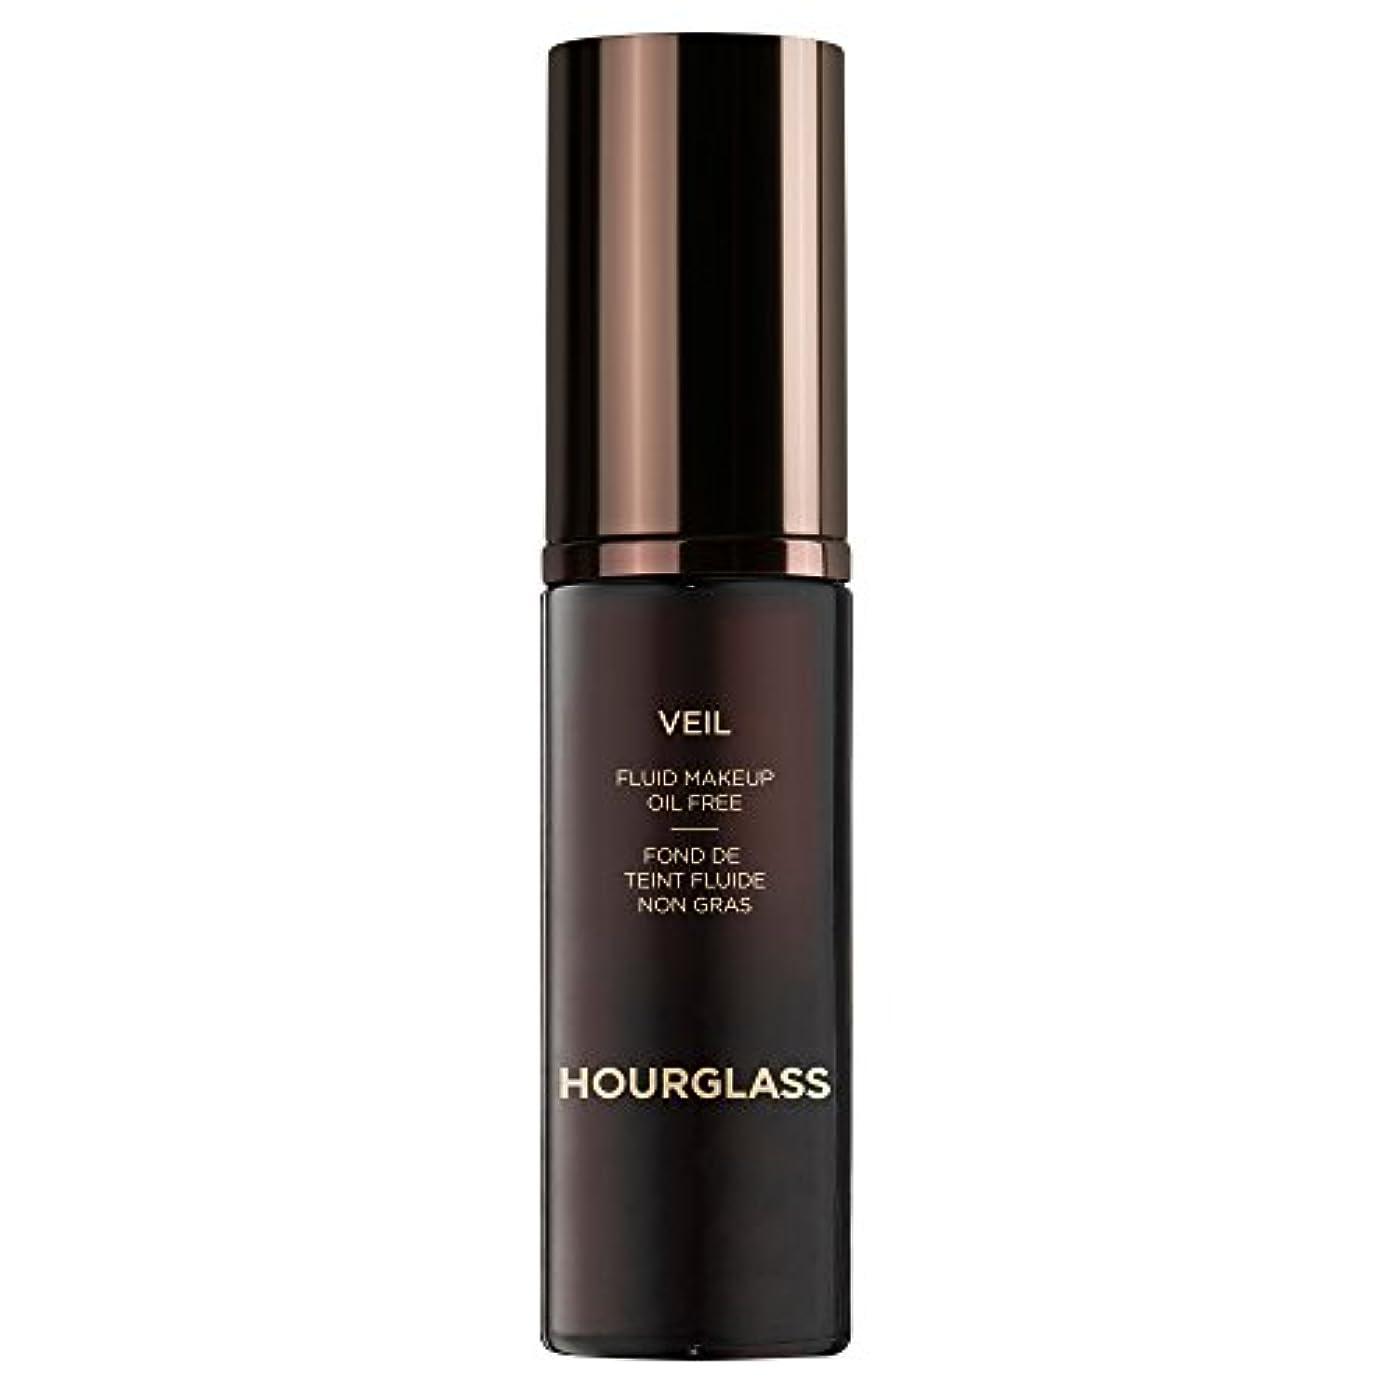 なだめる適切な収益流体化粧アイボリーベール砂時計 (Hourglass) (x6) - Hourglass Veil Fluid Makeup Ivory (Pack of 6) [並行輸入品]